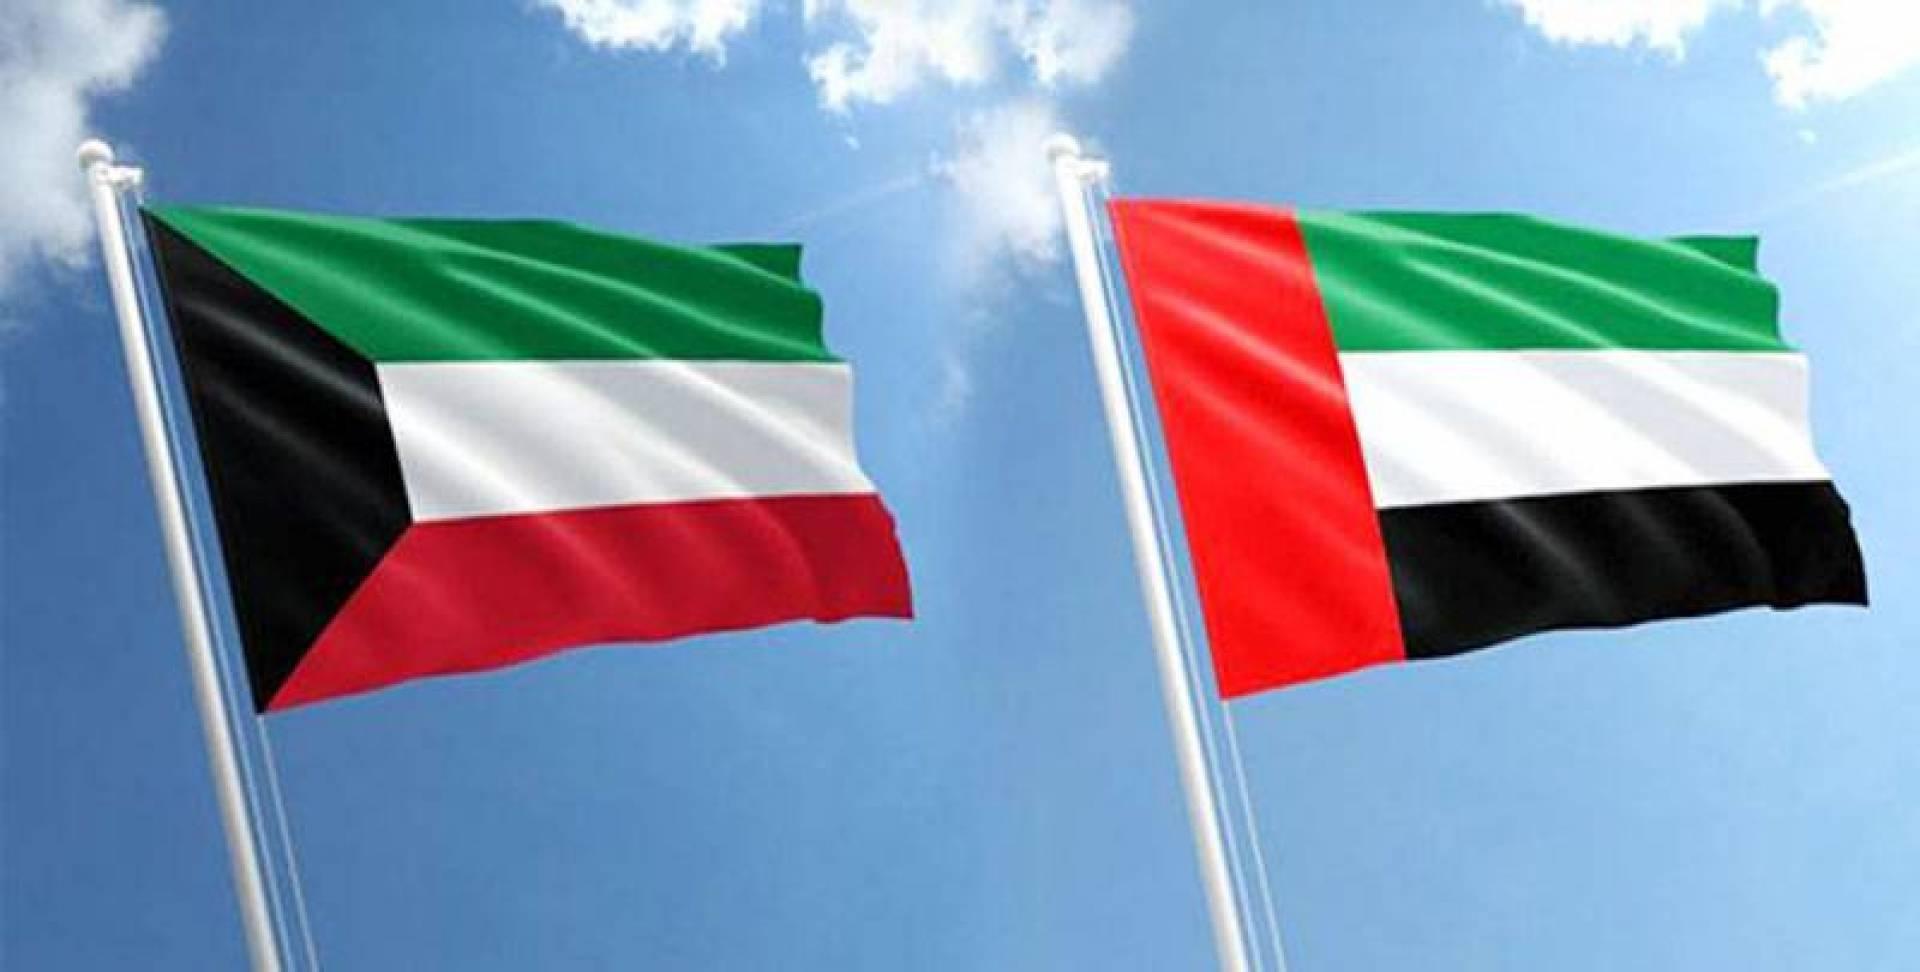 الإمارات تعرب عن رفضها القاطع للإساءة للكويت ورموزها والتي وردت في مقال بجريدة إماراتية